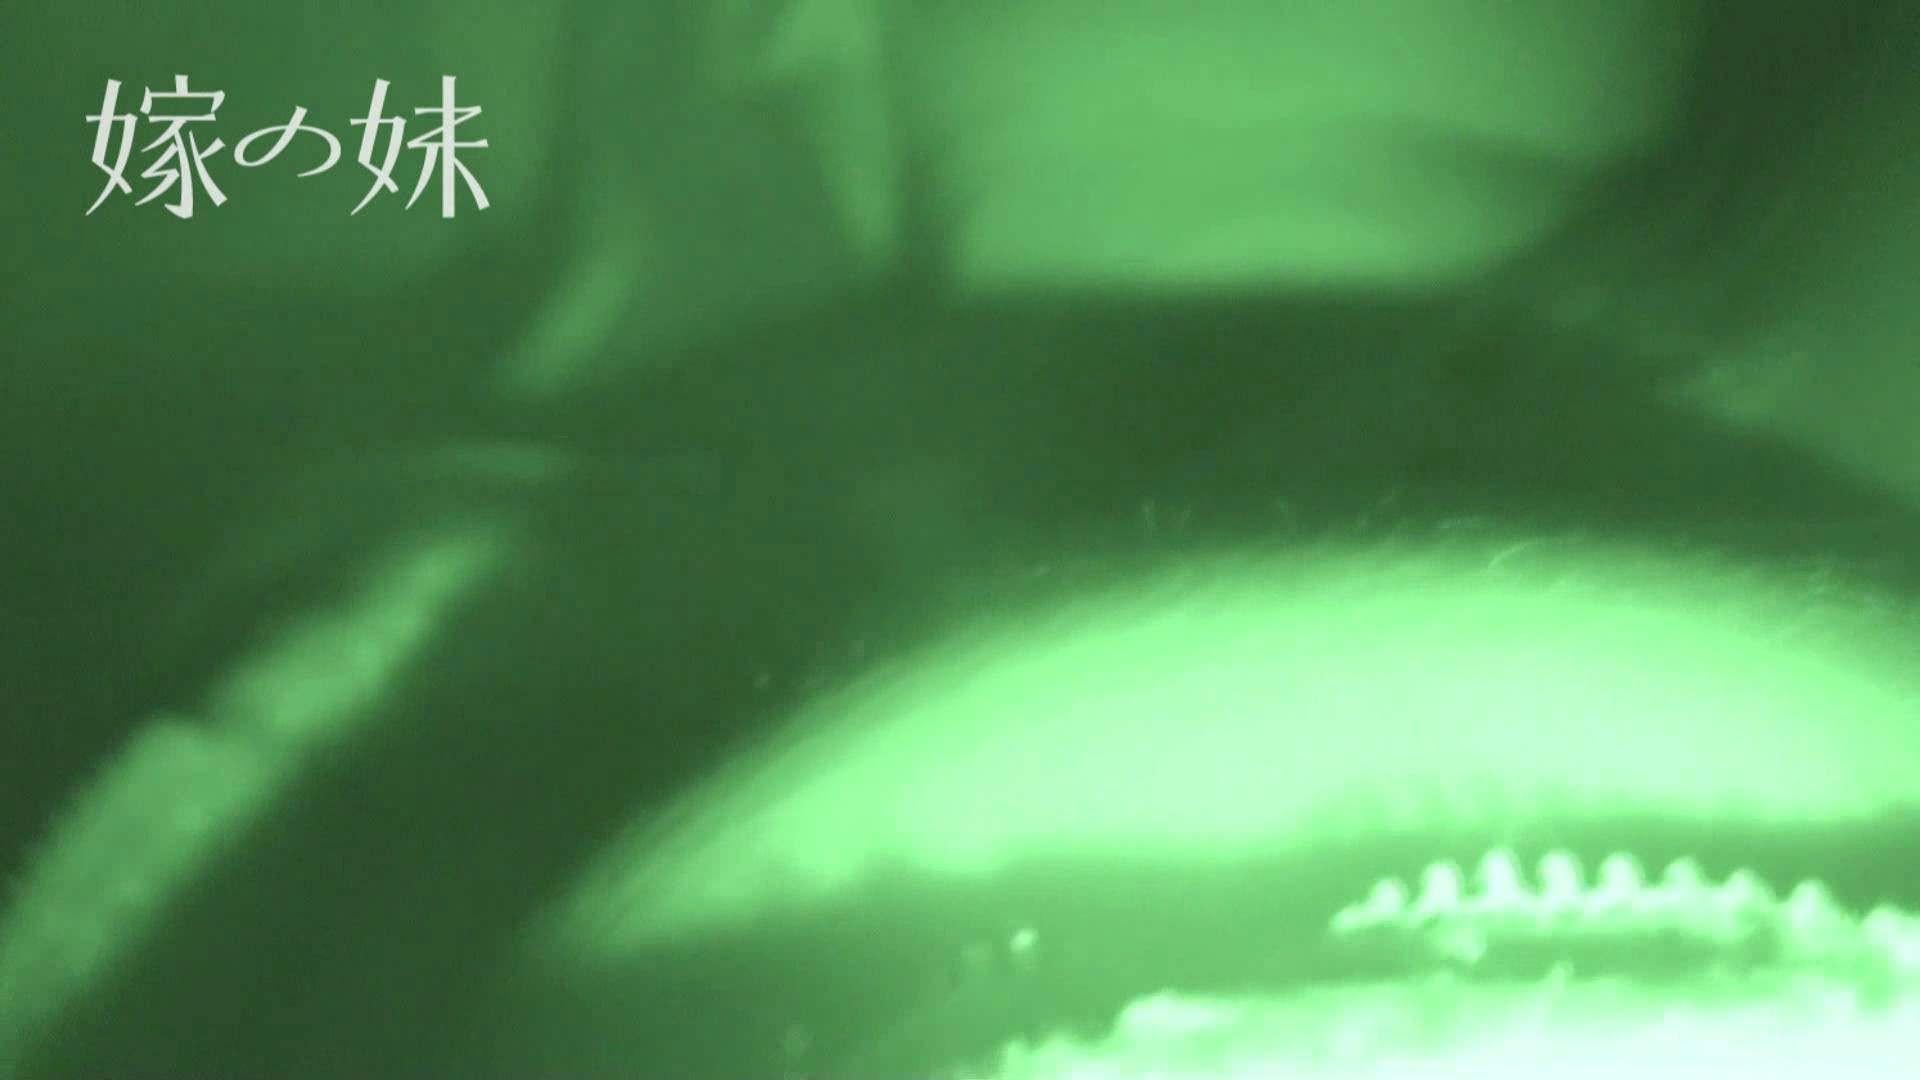 居候中の嫁の妹 vol.3 性欲  42連発 8